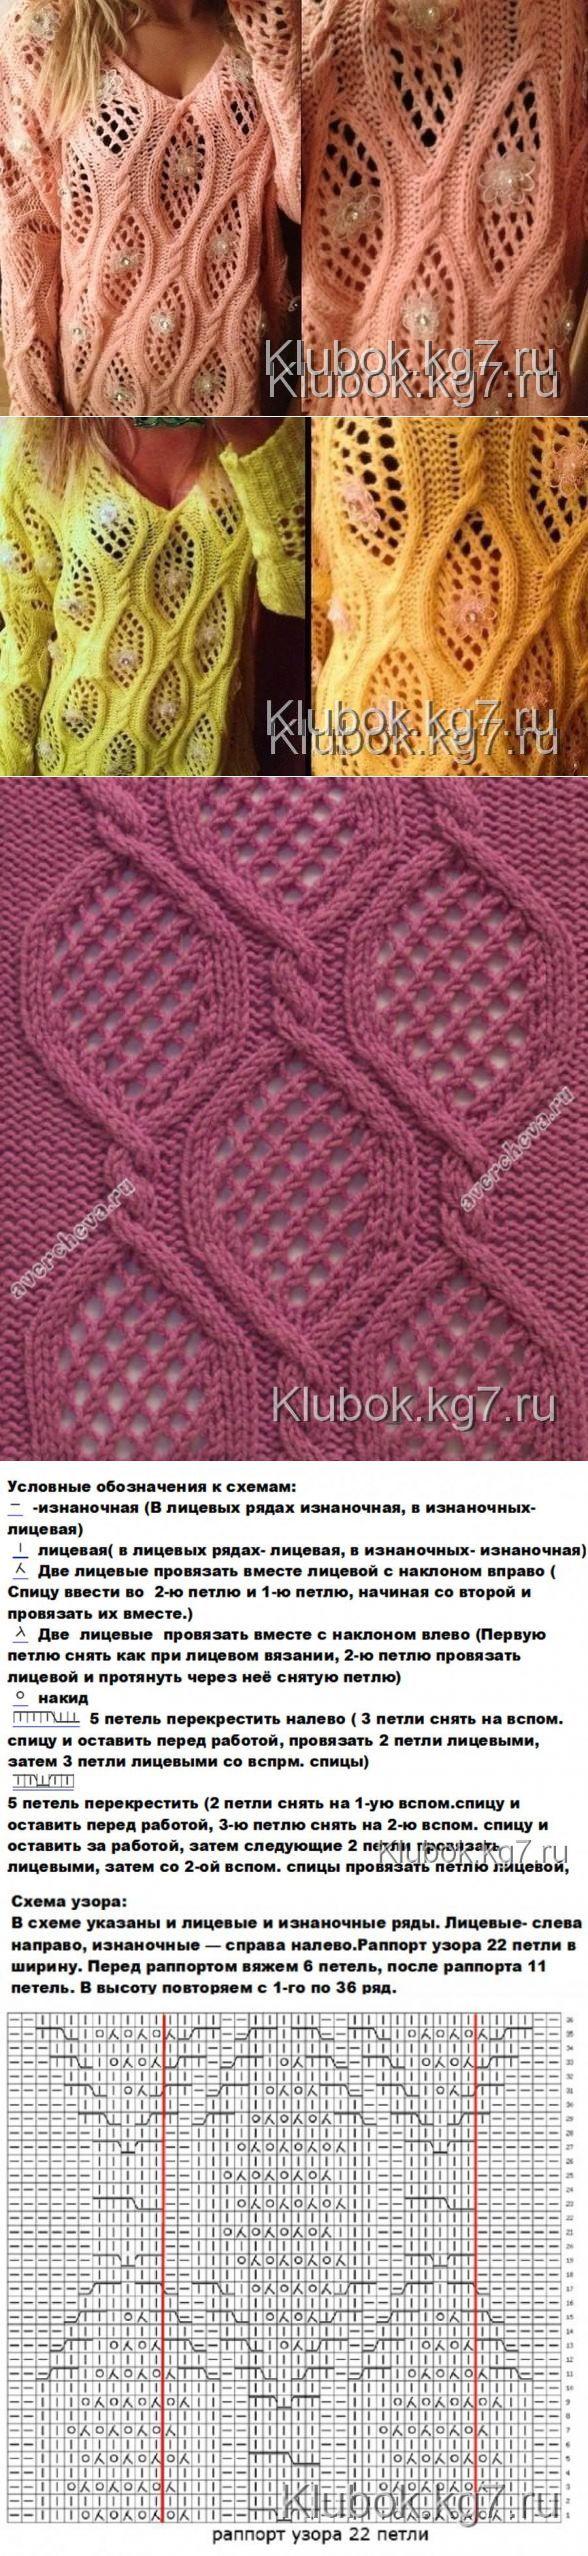 Свитер   Клубок